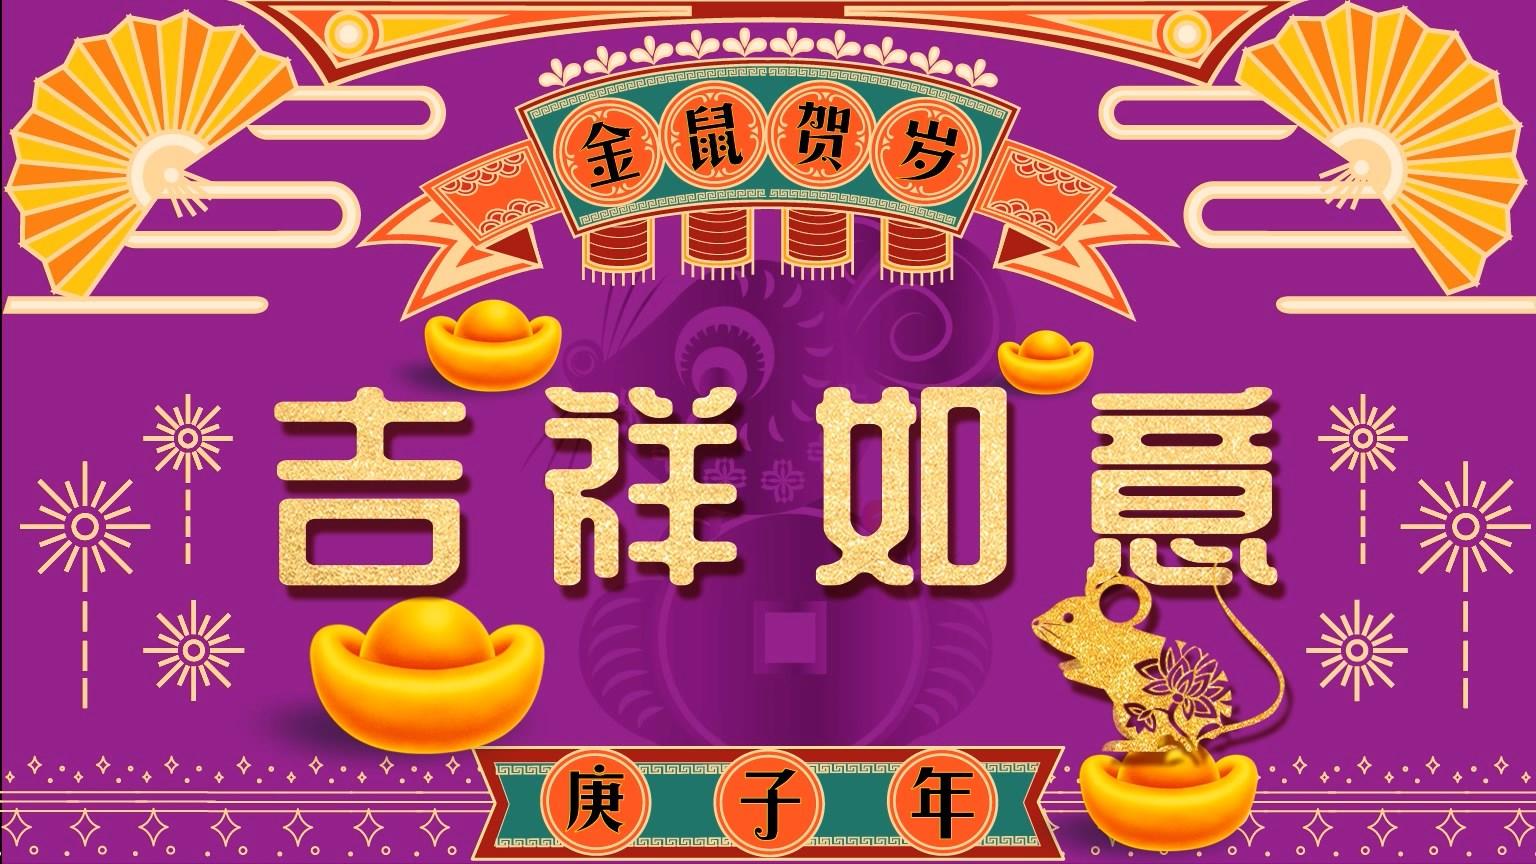 北京鼠年(+片头)-15s-dq-v4.mp4_snapshot_00.06_[2020.01.21_11.43.33]